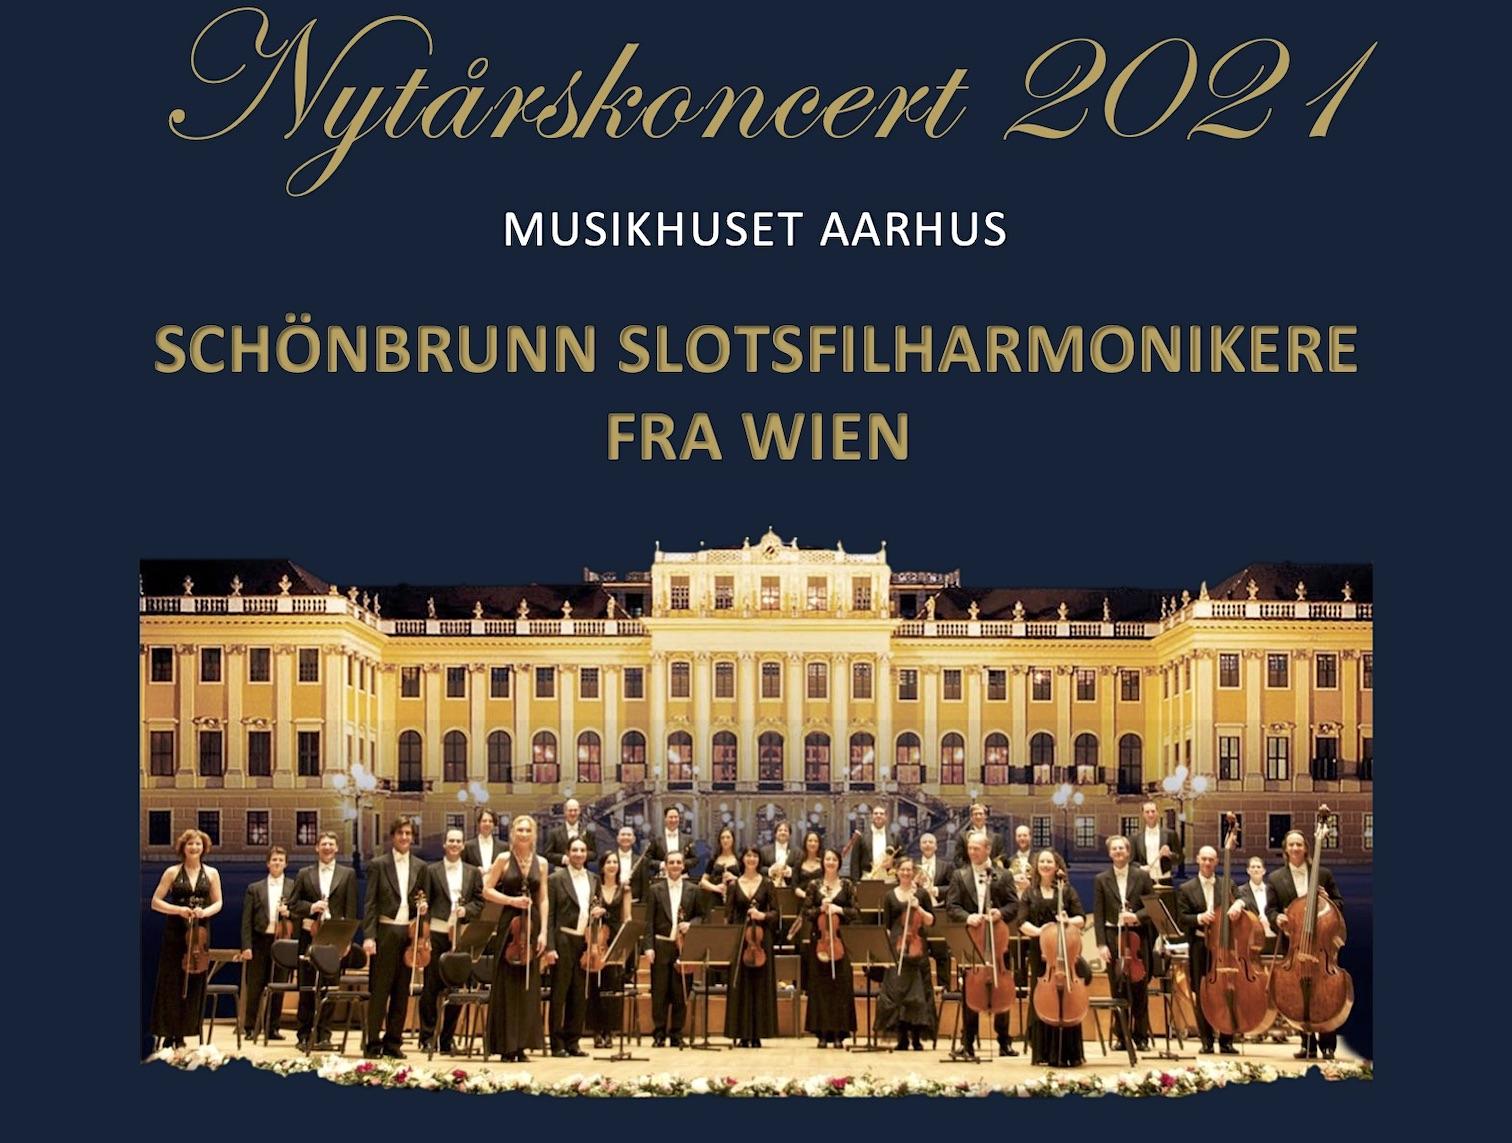 NYTÅRSKONCERT m. SCHöNBRUNNS